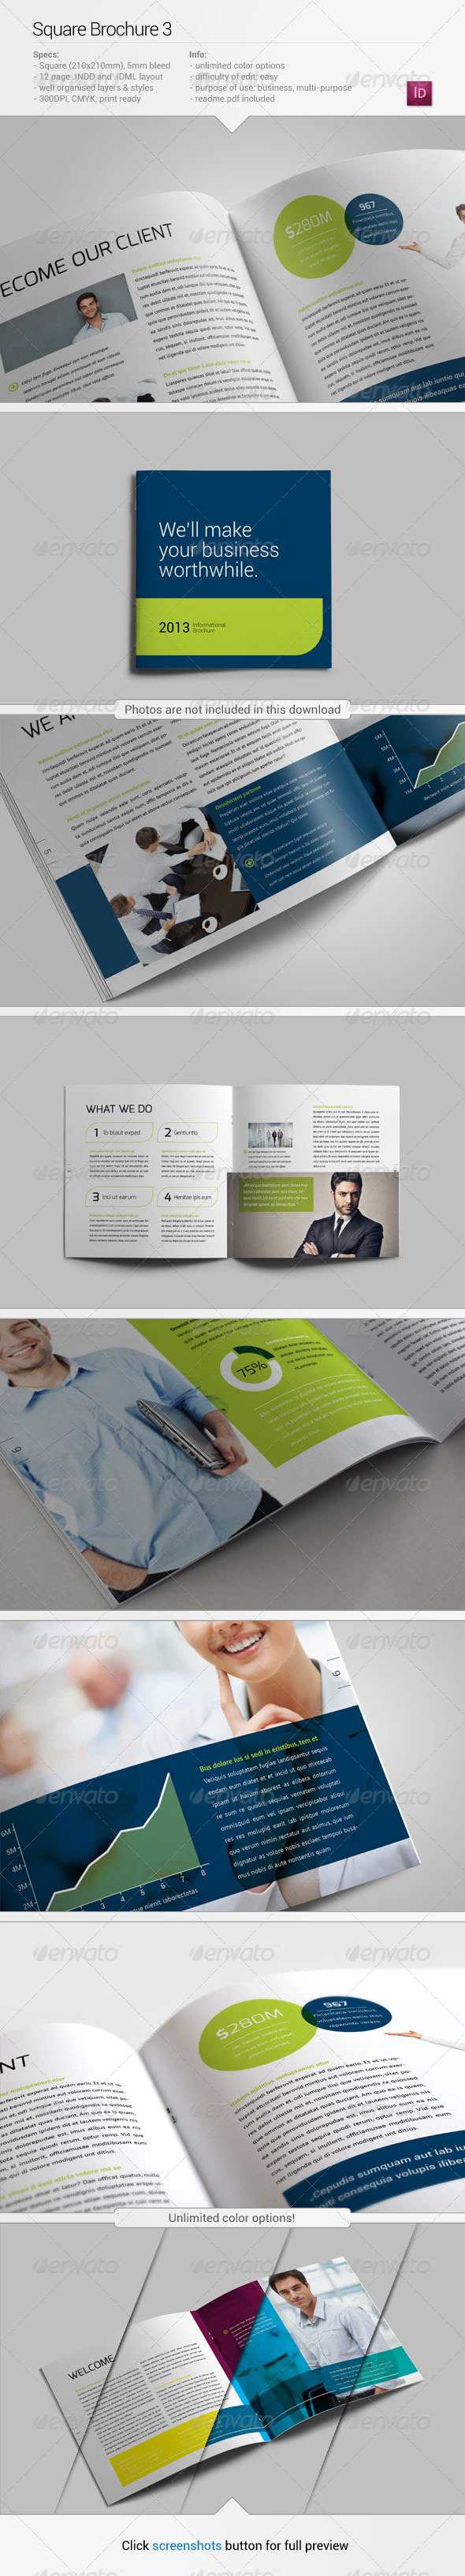 GraphicRiver Square Brochure 3 5403630